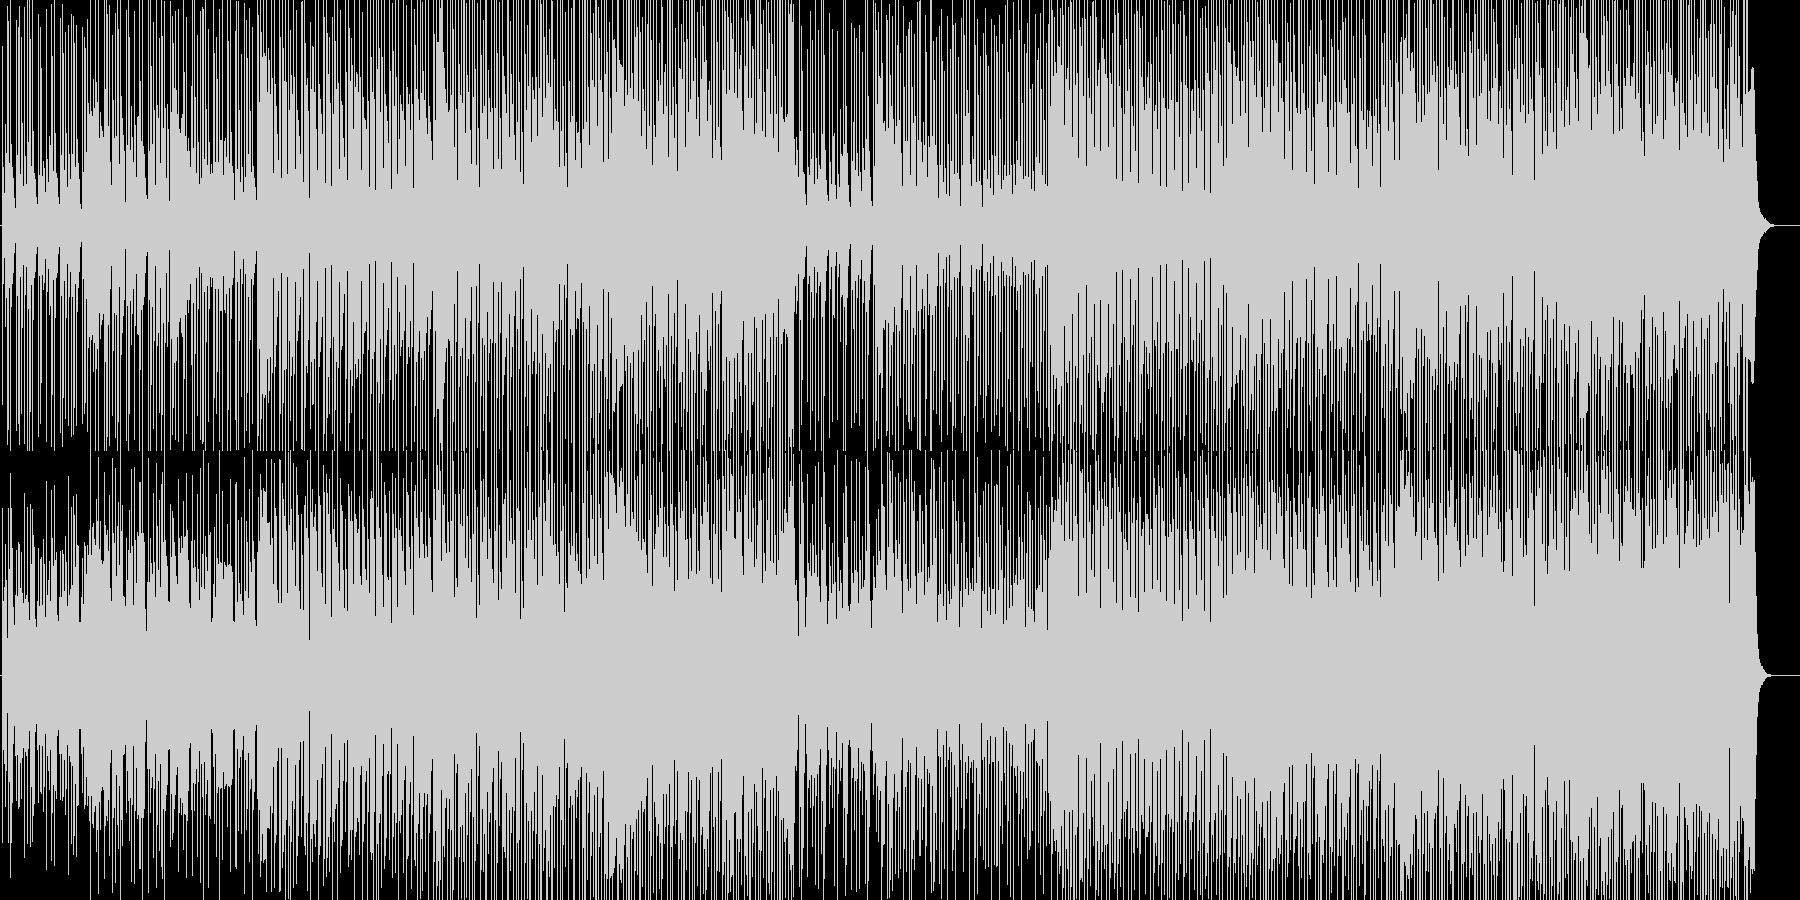 軽快で心踊るテクノミュージックの未再生の波形